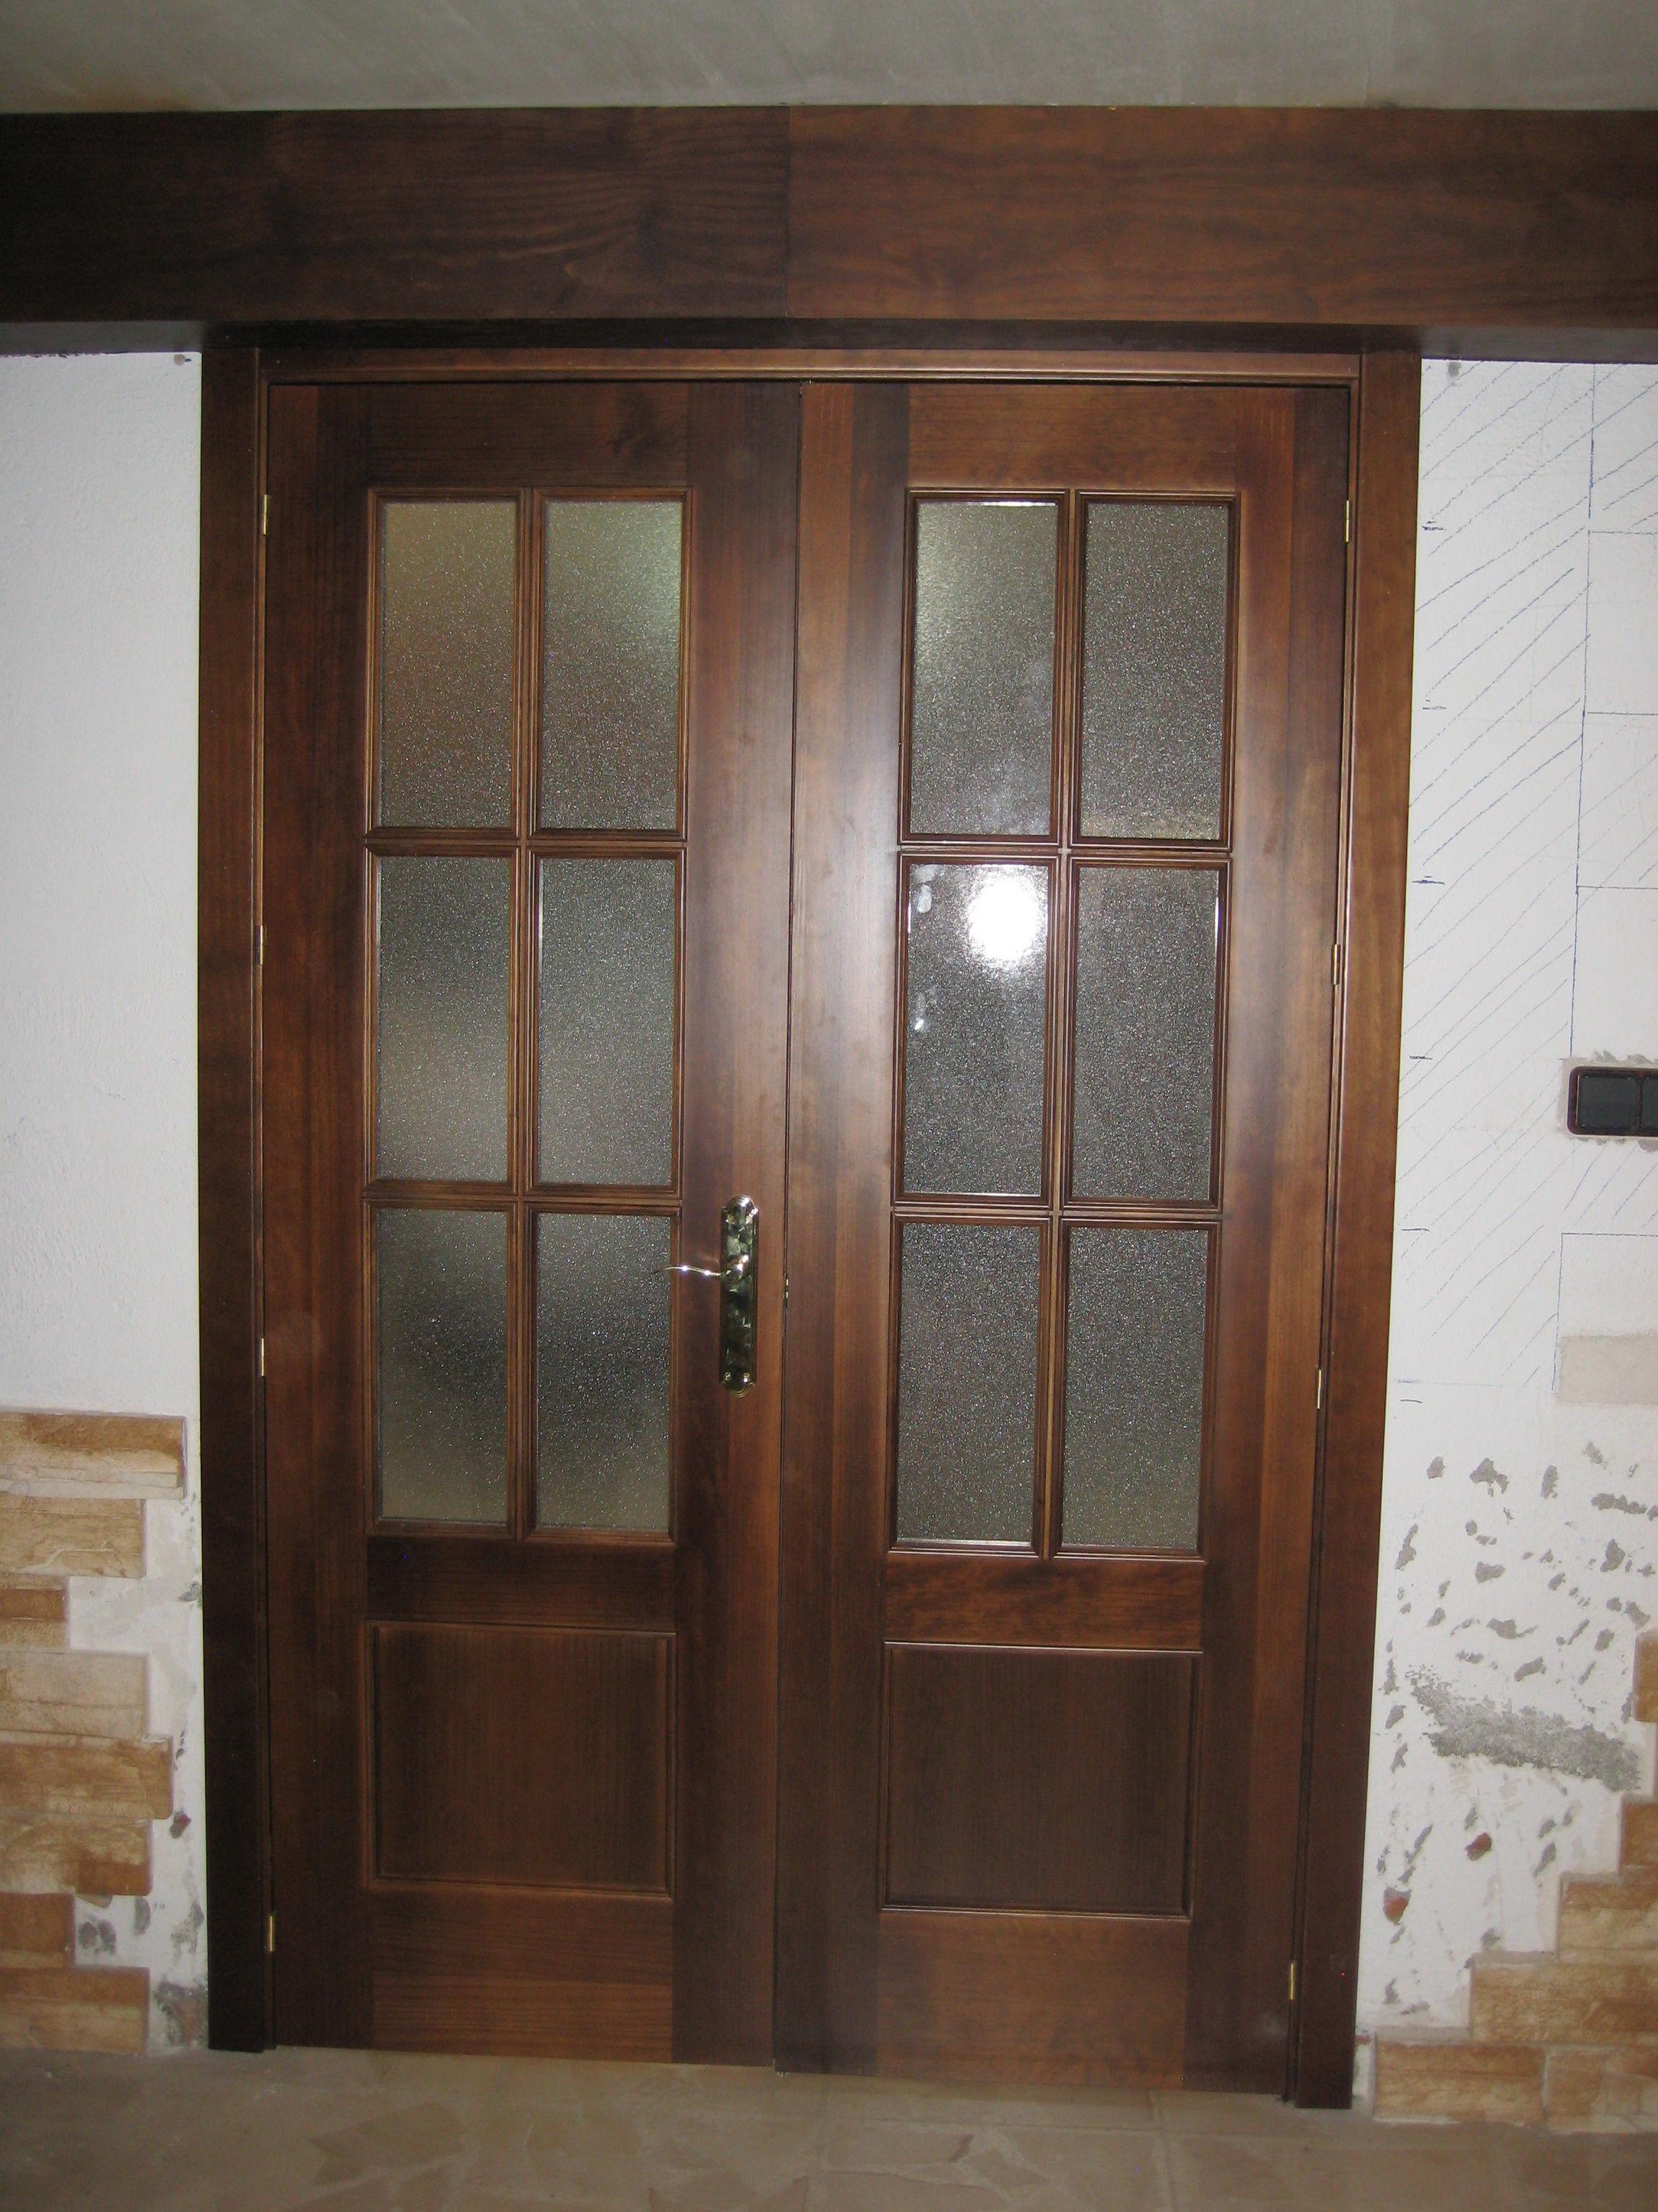 Puerta doble de salón modelo Construcción de pino teñido en nogal